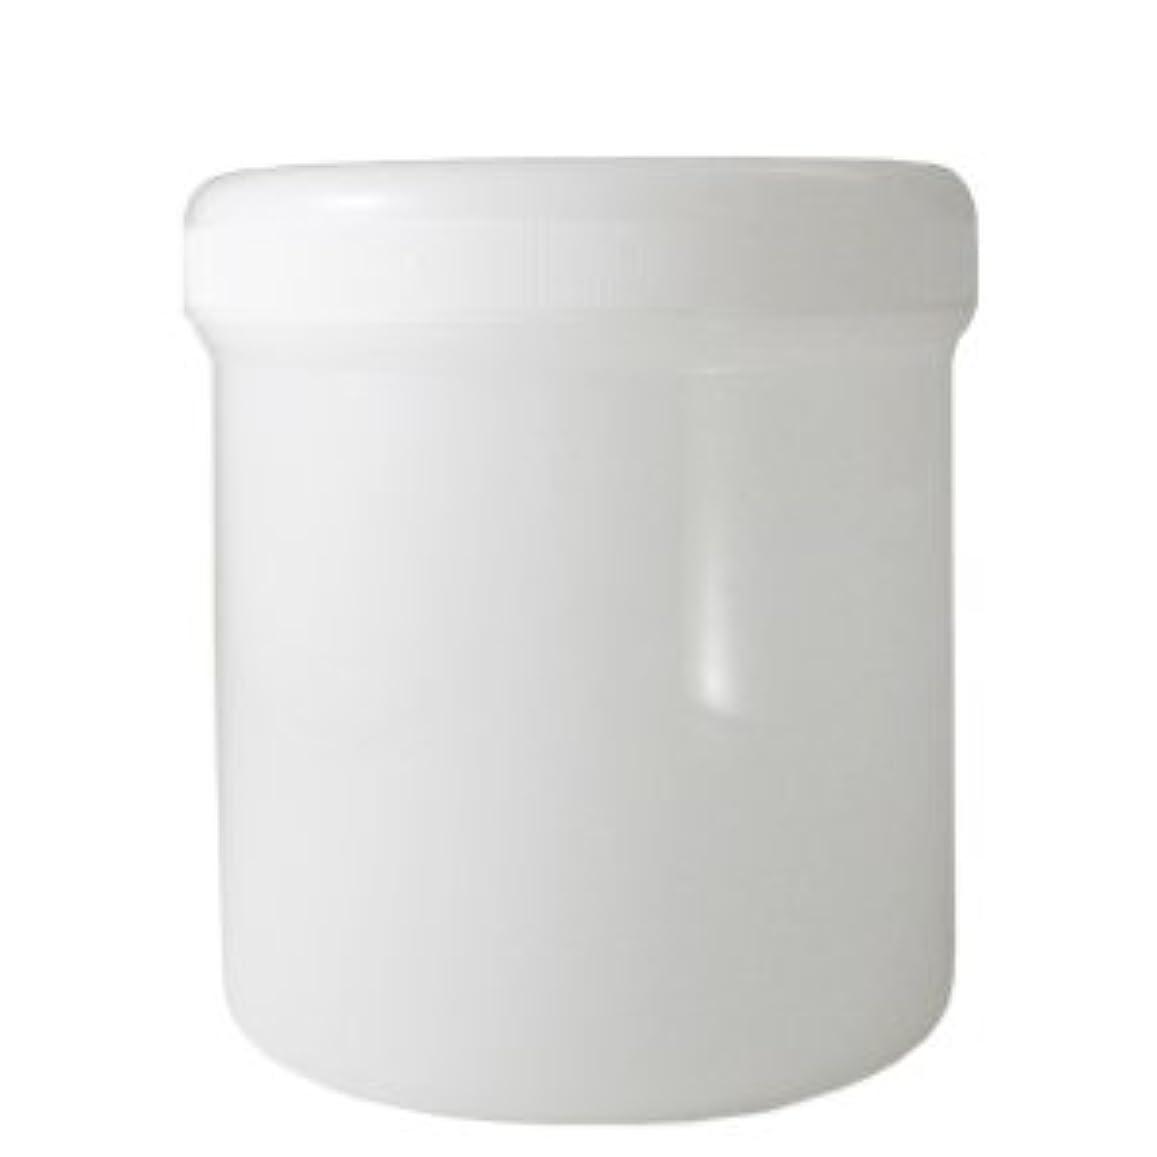 驚くばかり背の高い悩むナンコー容器 (クリームジャー) 550ml 【手作り化粧品】